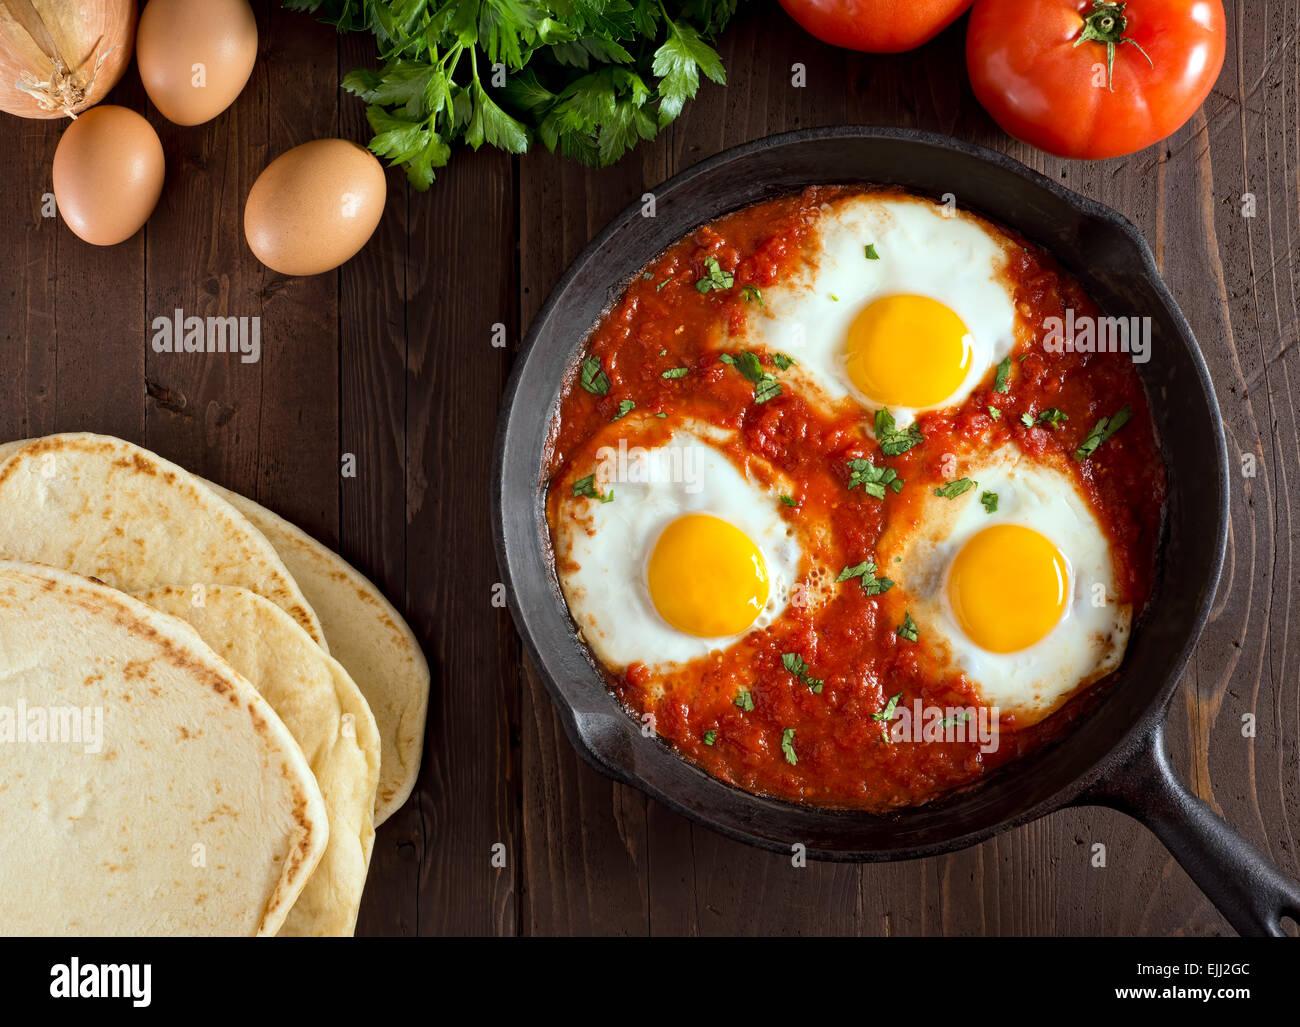 Omega 3 Eggs Stockfotos & Omega 3 Eggs Bilder - Alamy